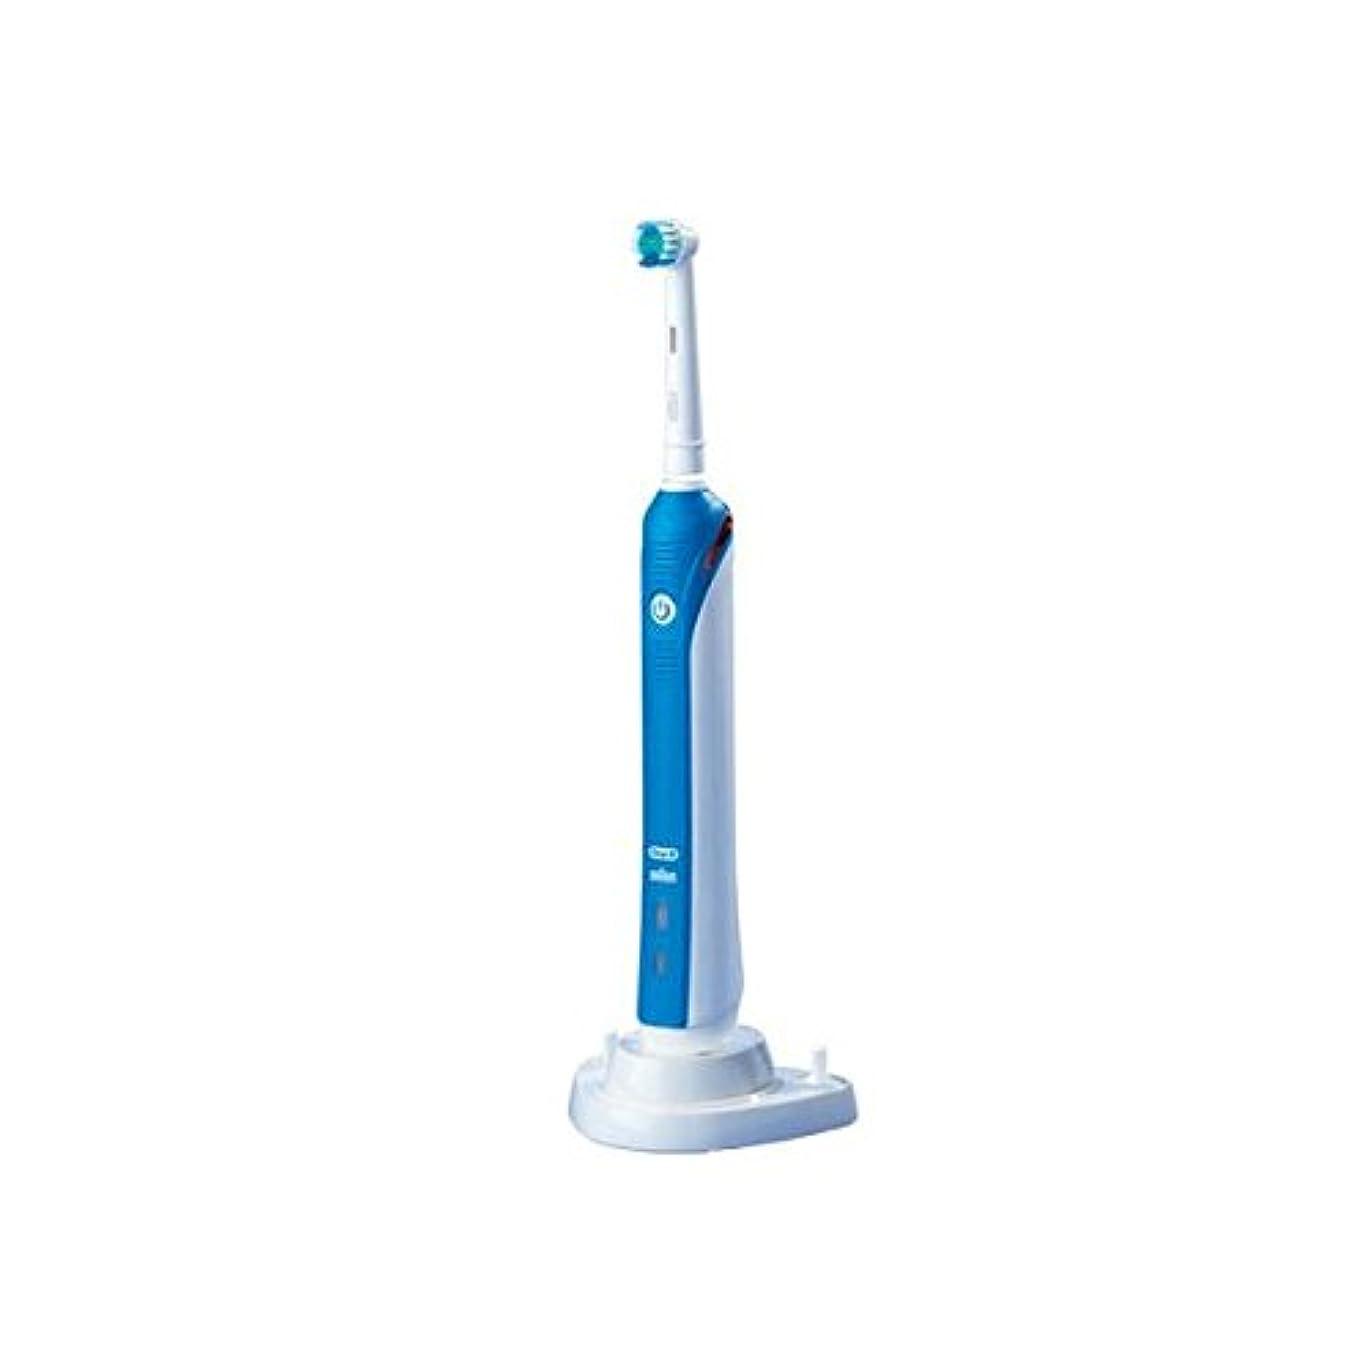 オーロック思い出す目的Braun 電動歯ブラシ オーラルB プロフェッショナルケア 2000